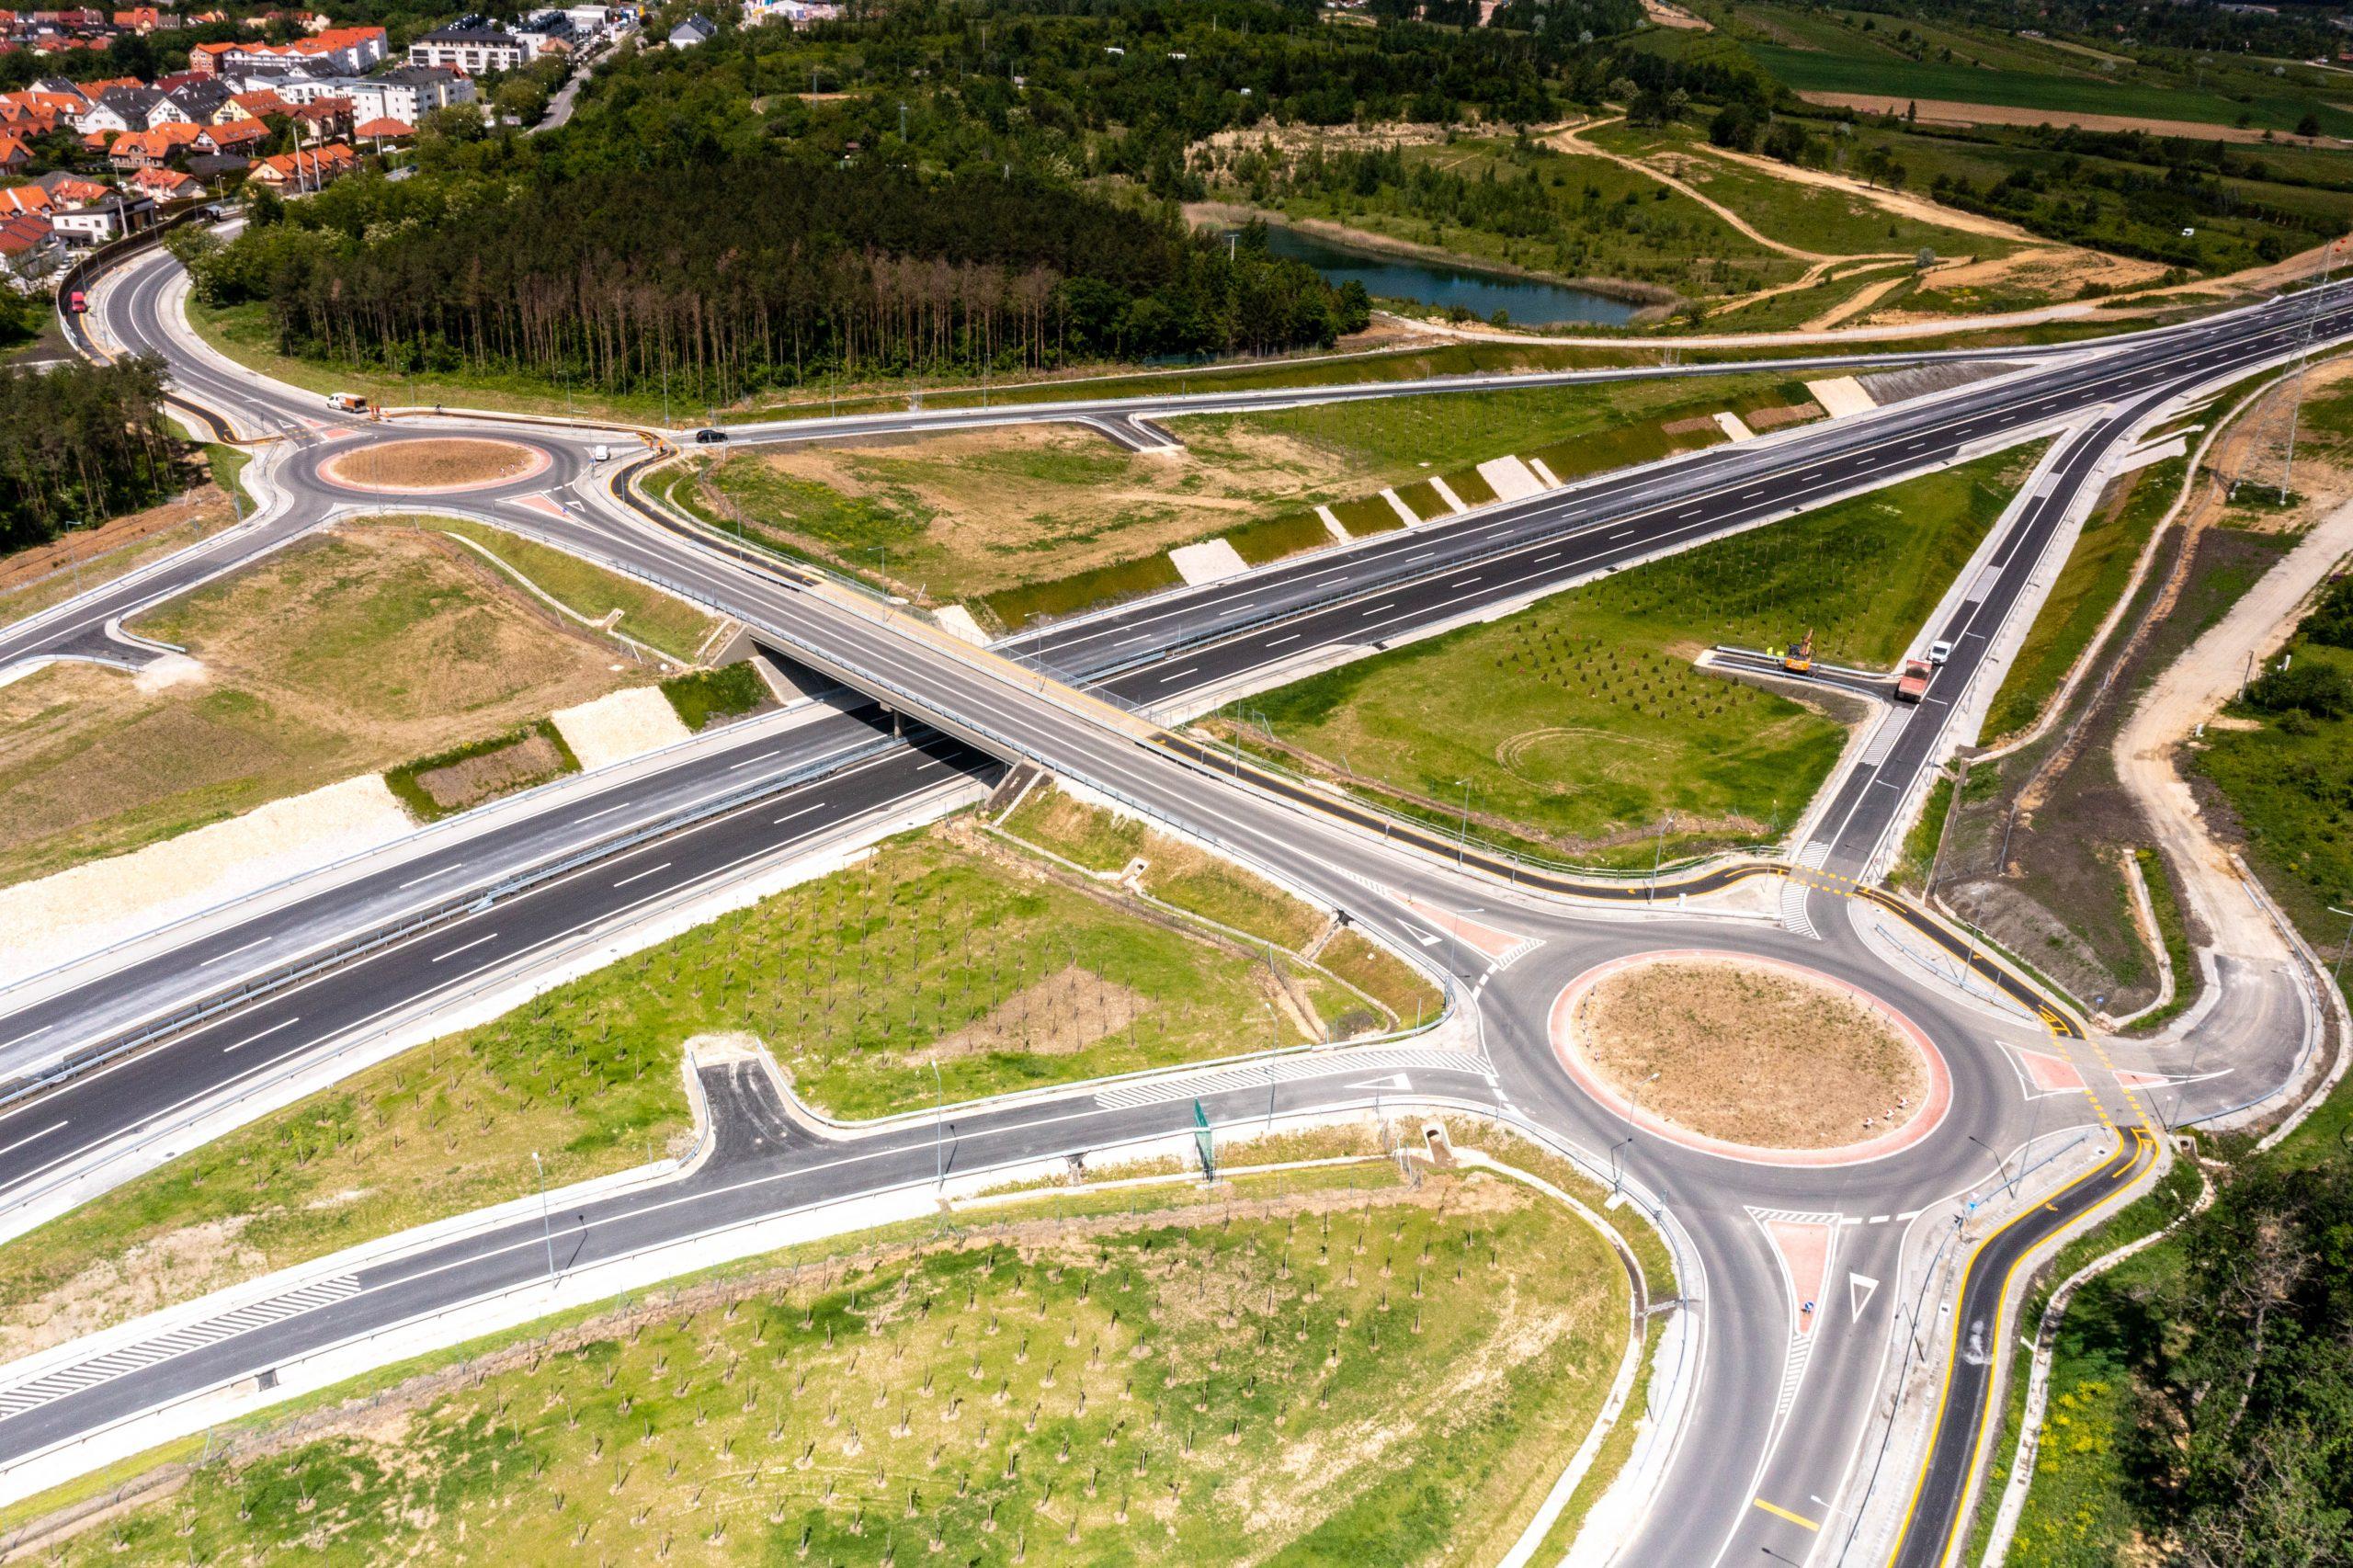 Újabb szakaszt adtak át a forgalomnak az M85 autóútból